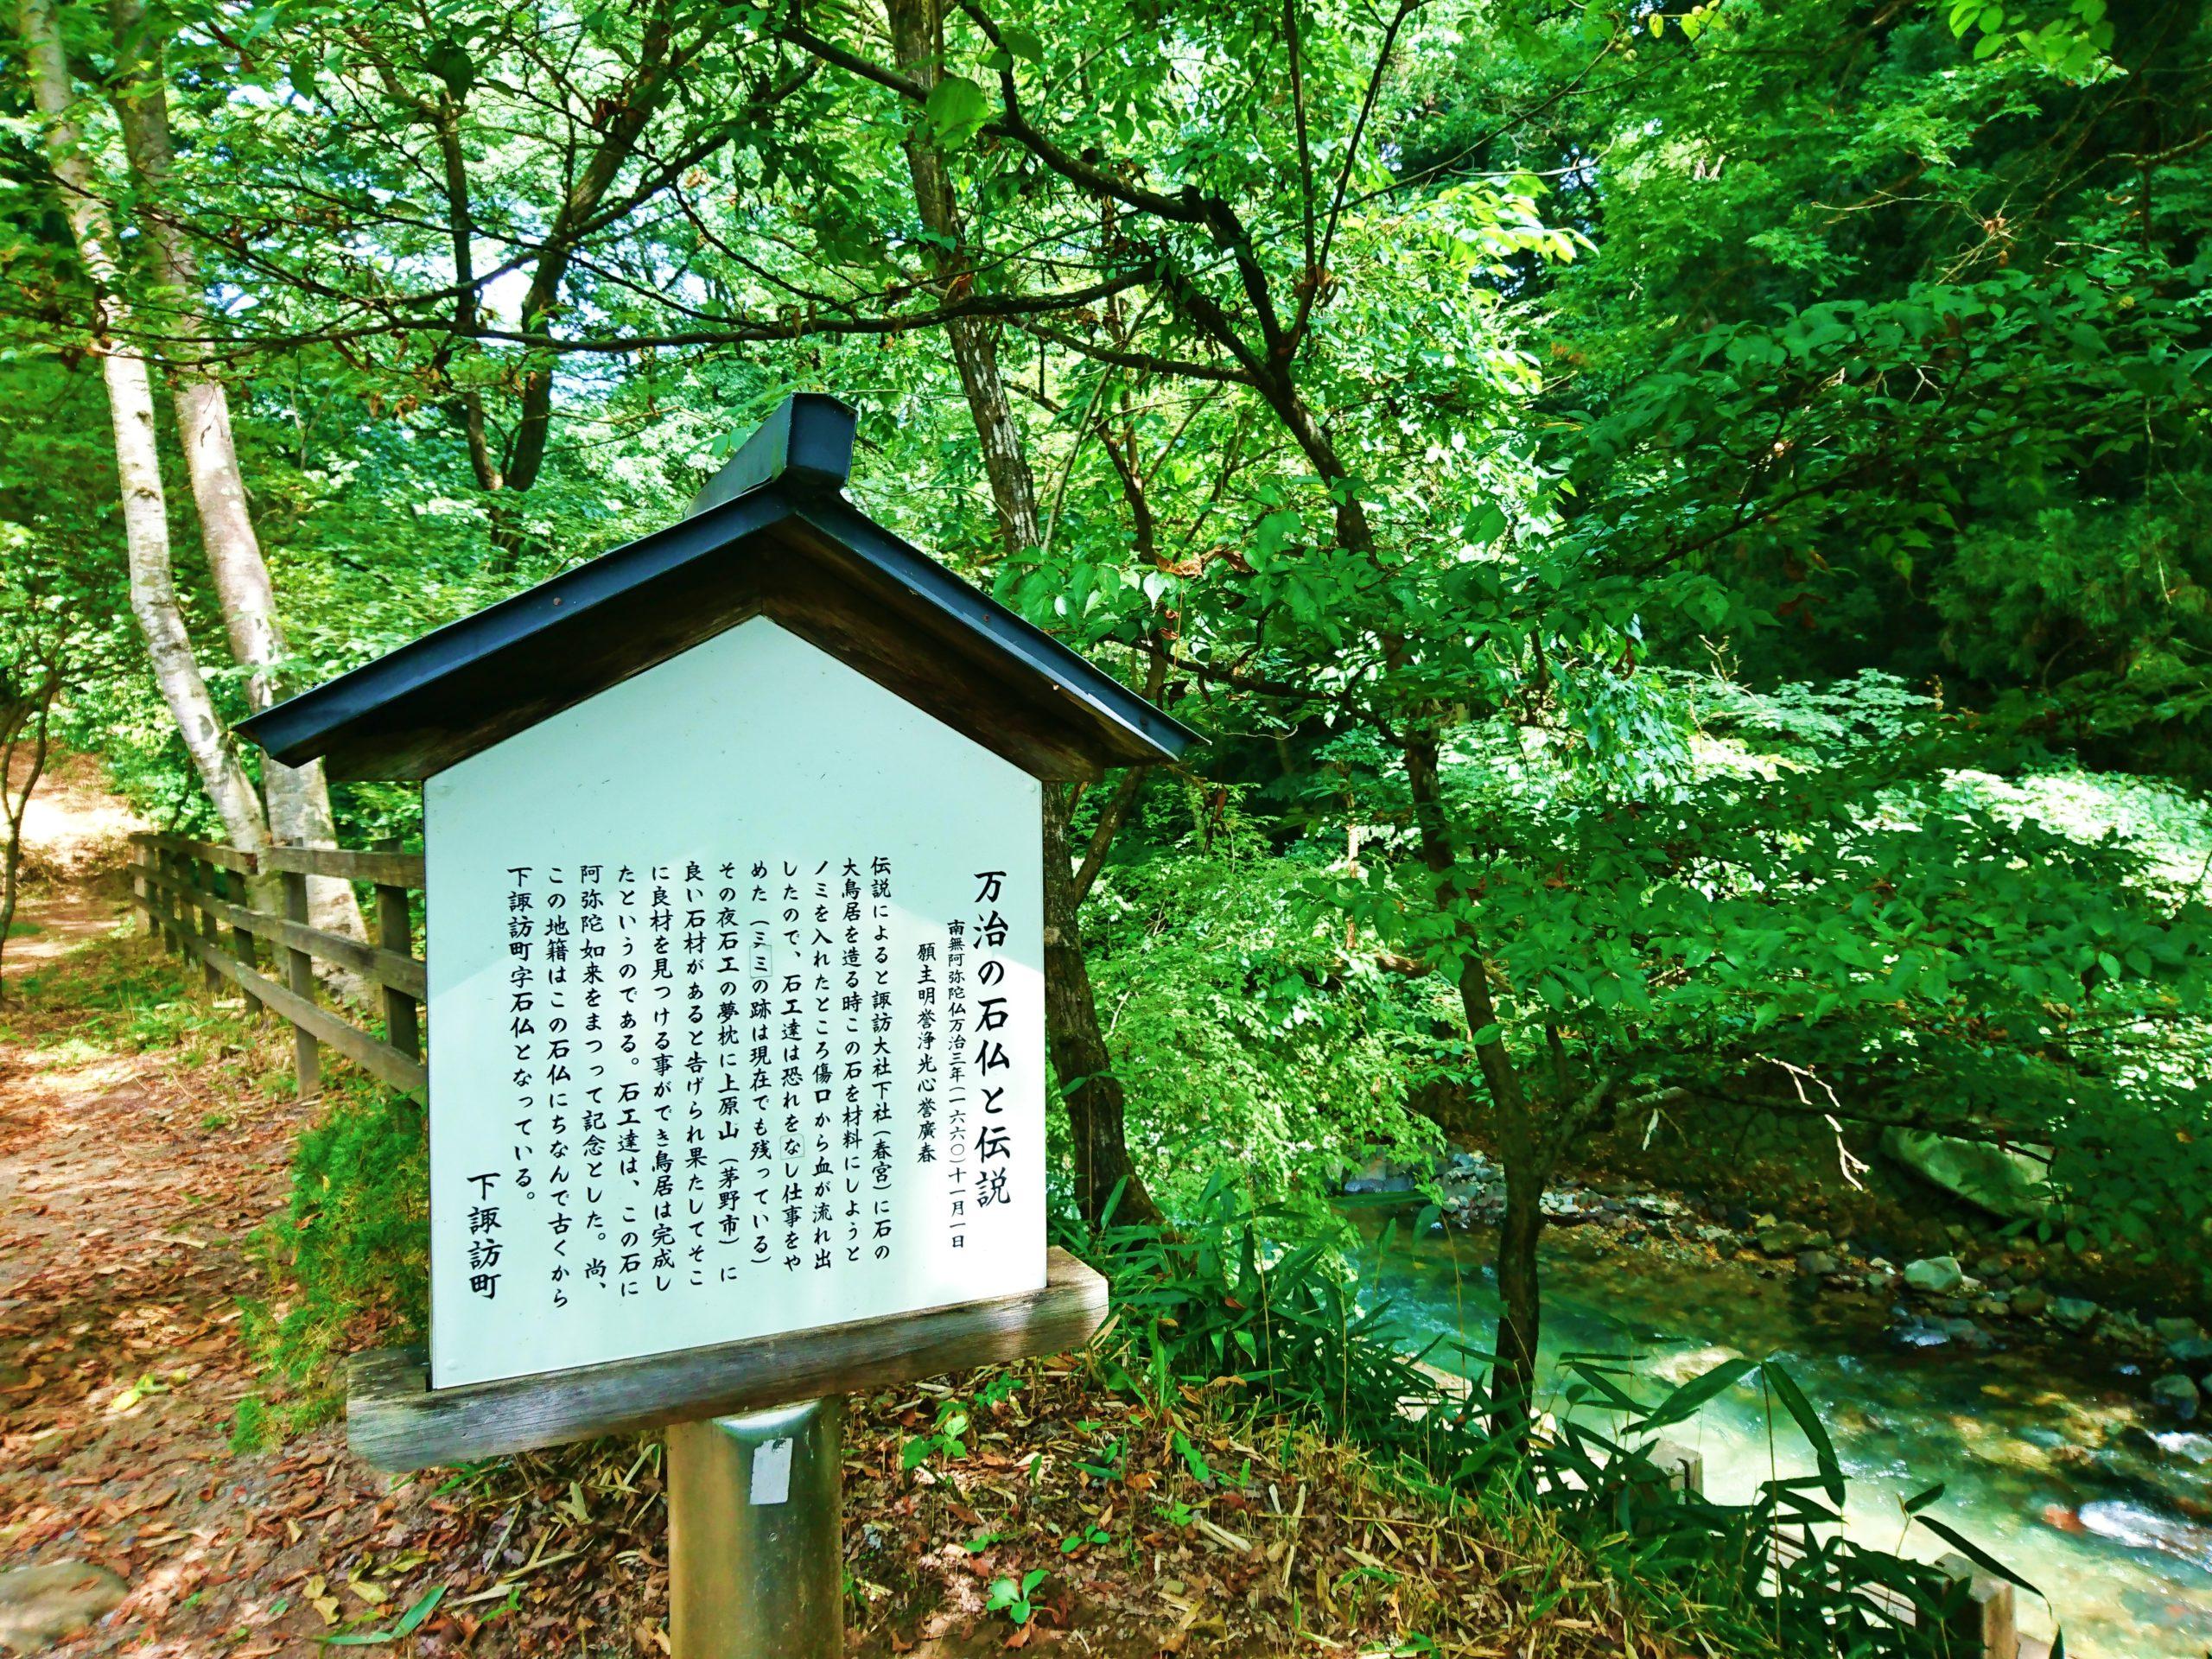 諏訪大社下社春宮の近くにある万治の石仏